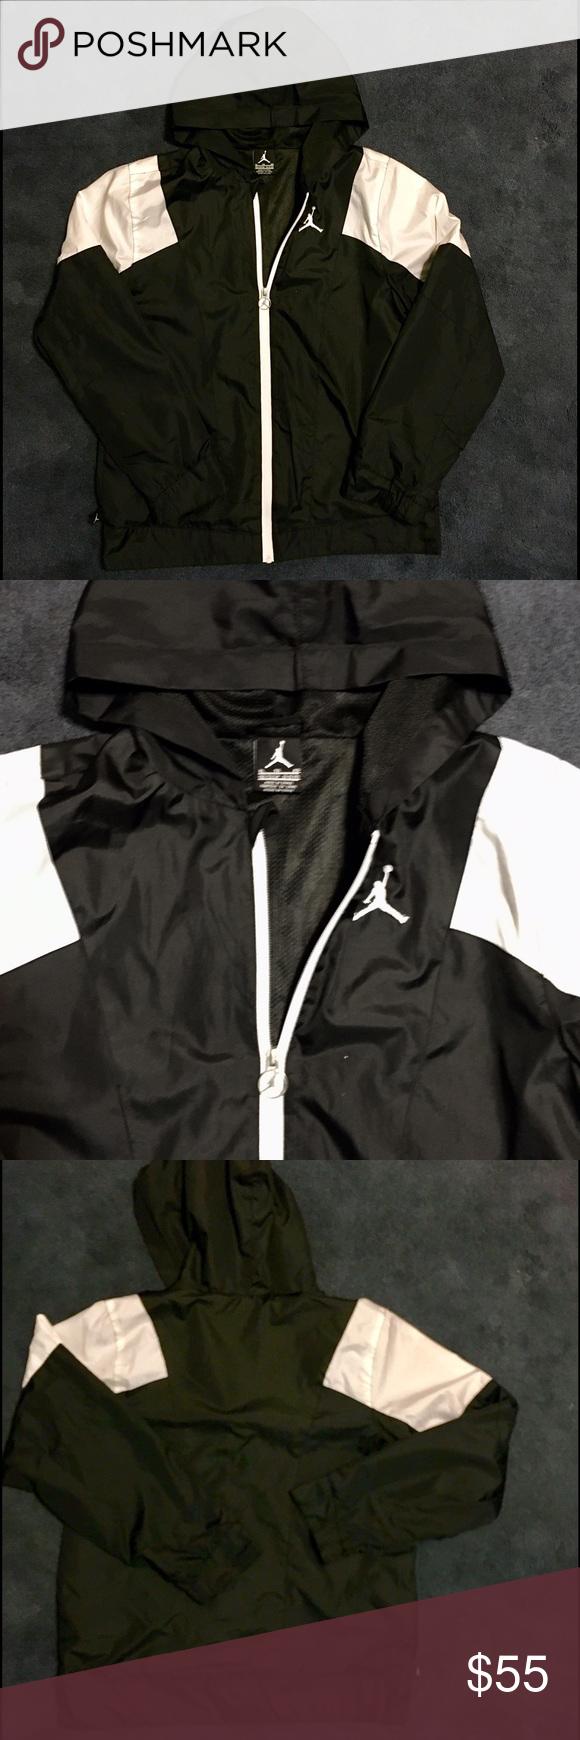 5df017d005e0 NIKE JORDAN WINDBREAKER JORDAN BOYS XL WINDBREAKER- NWOT Jordan Jackets    Coats